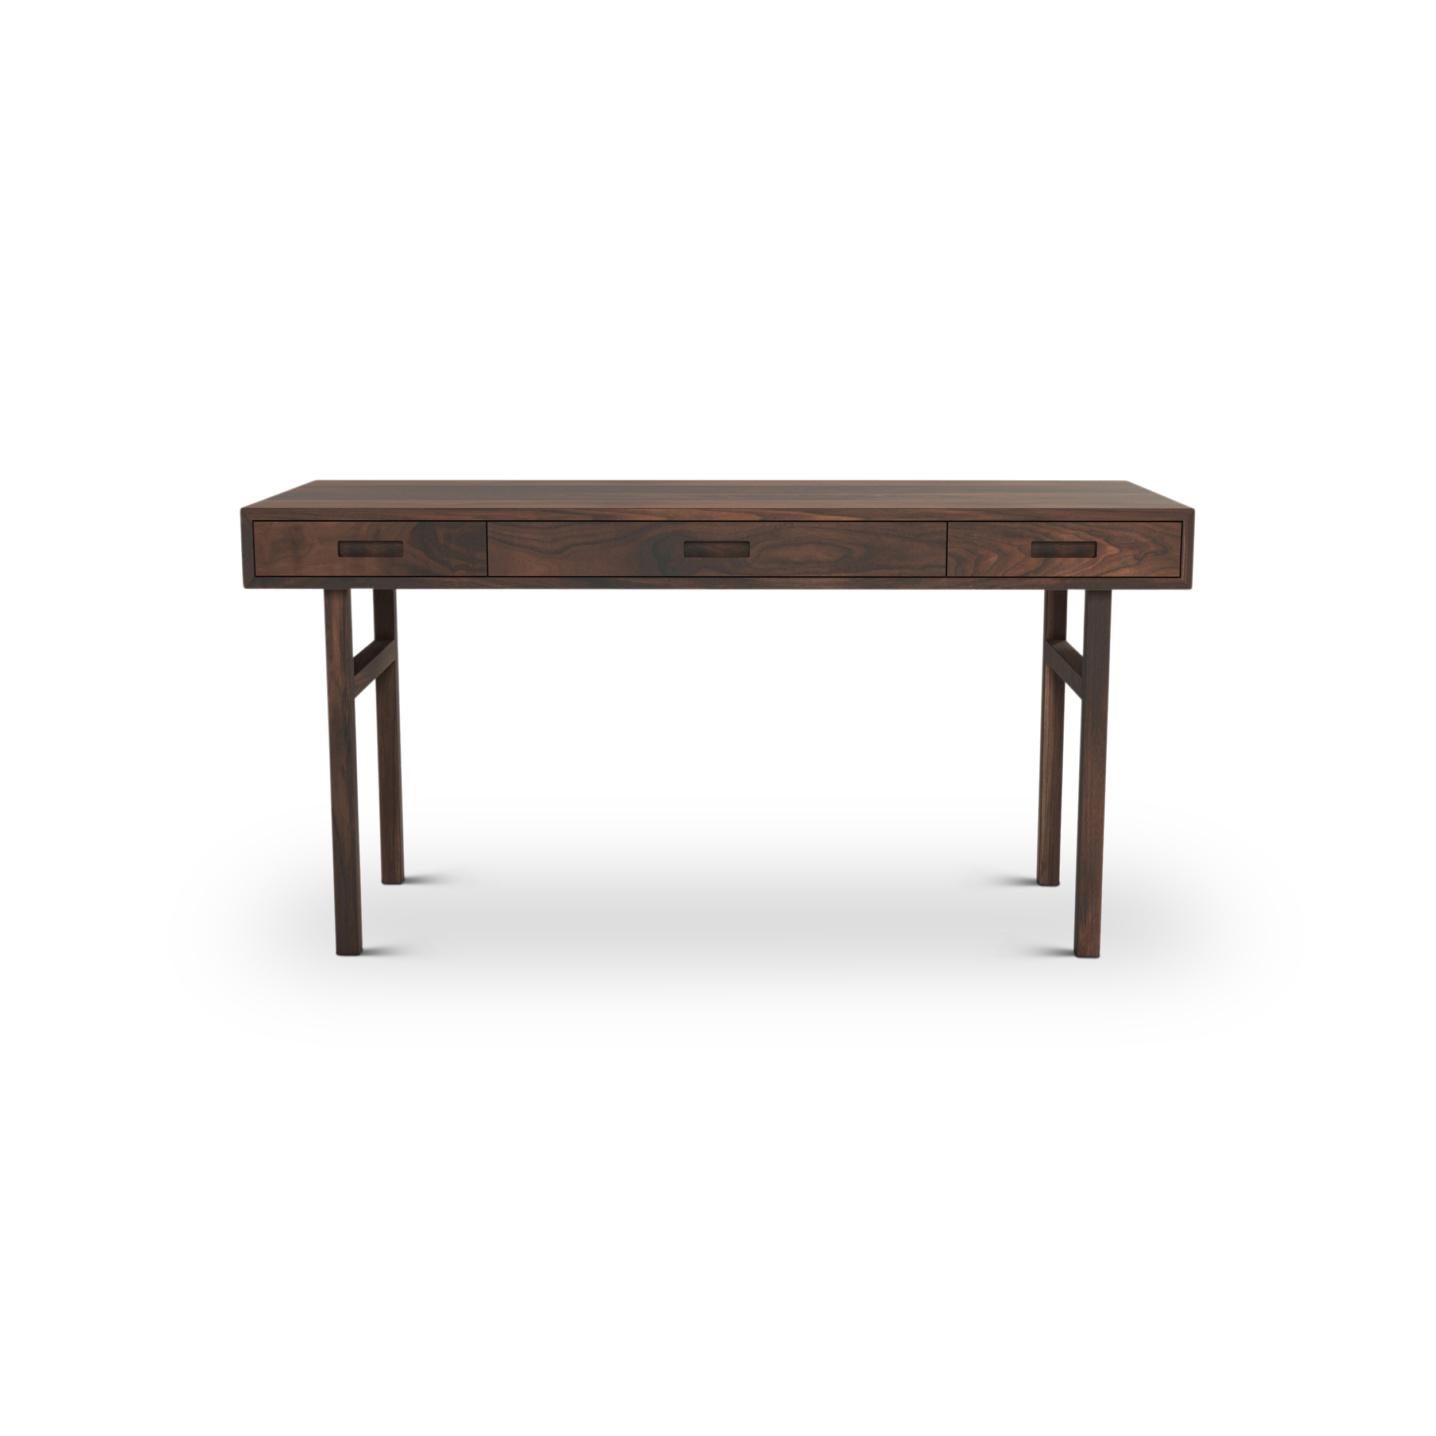 Scandinavian Desk in Walnut